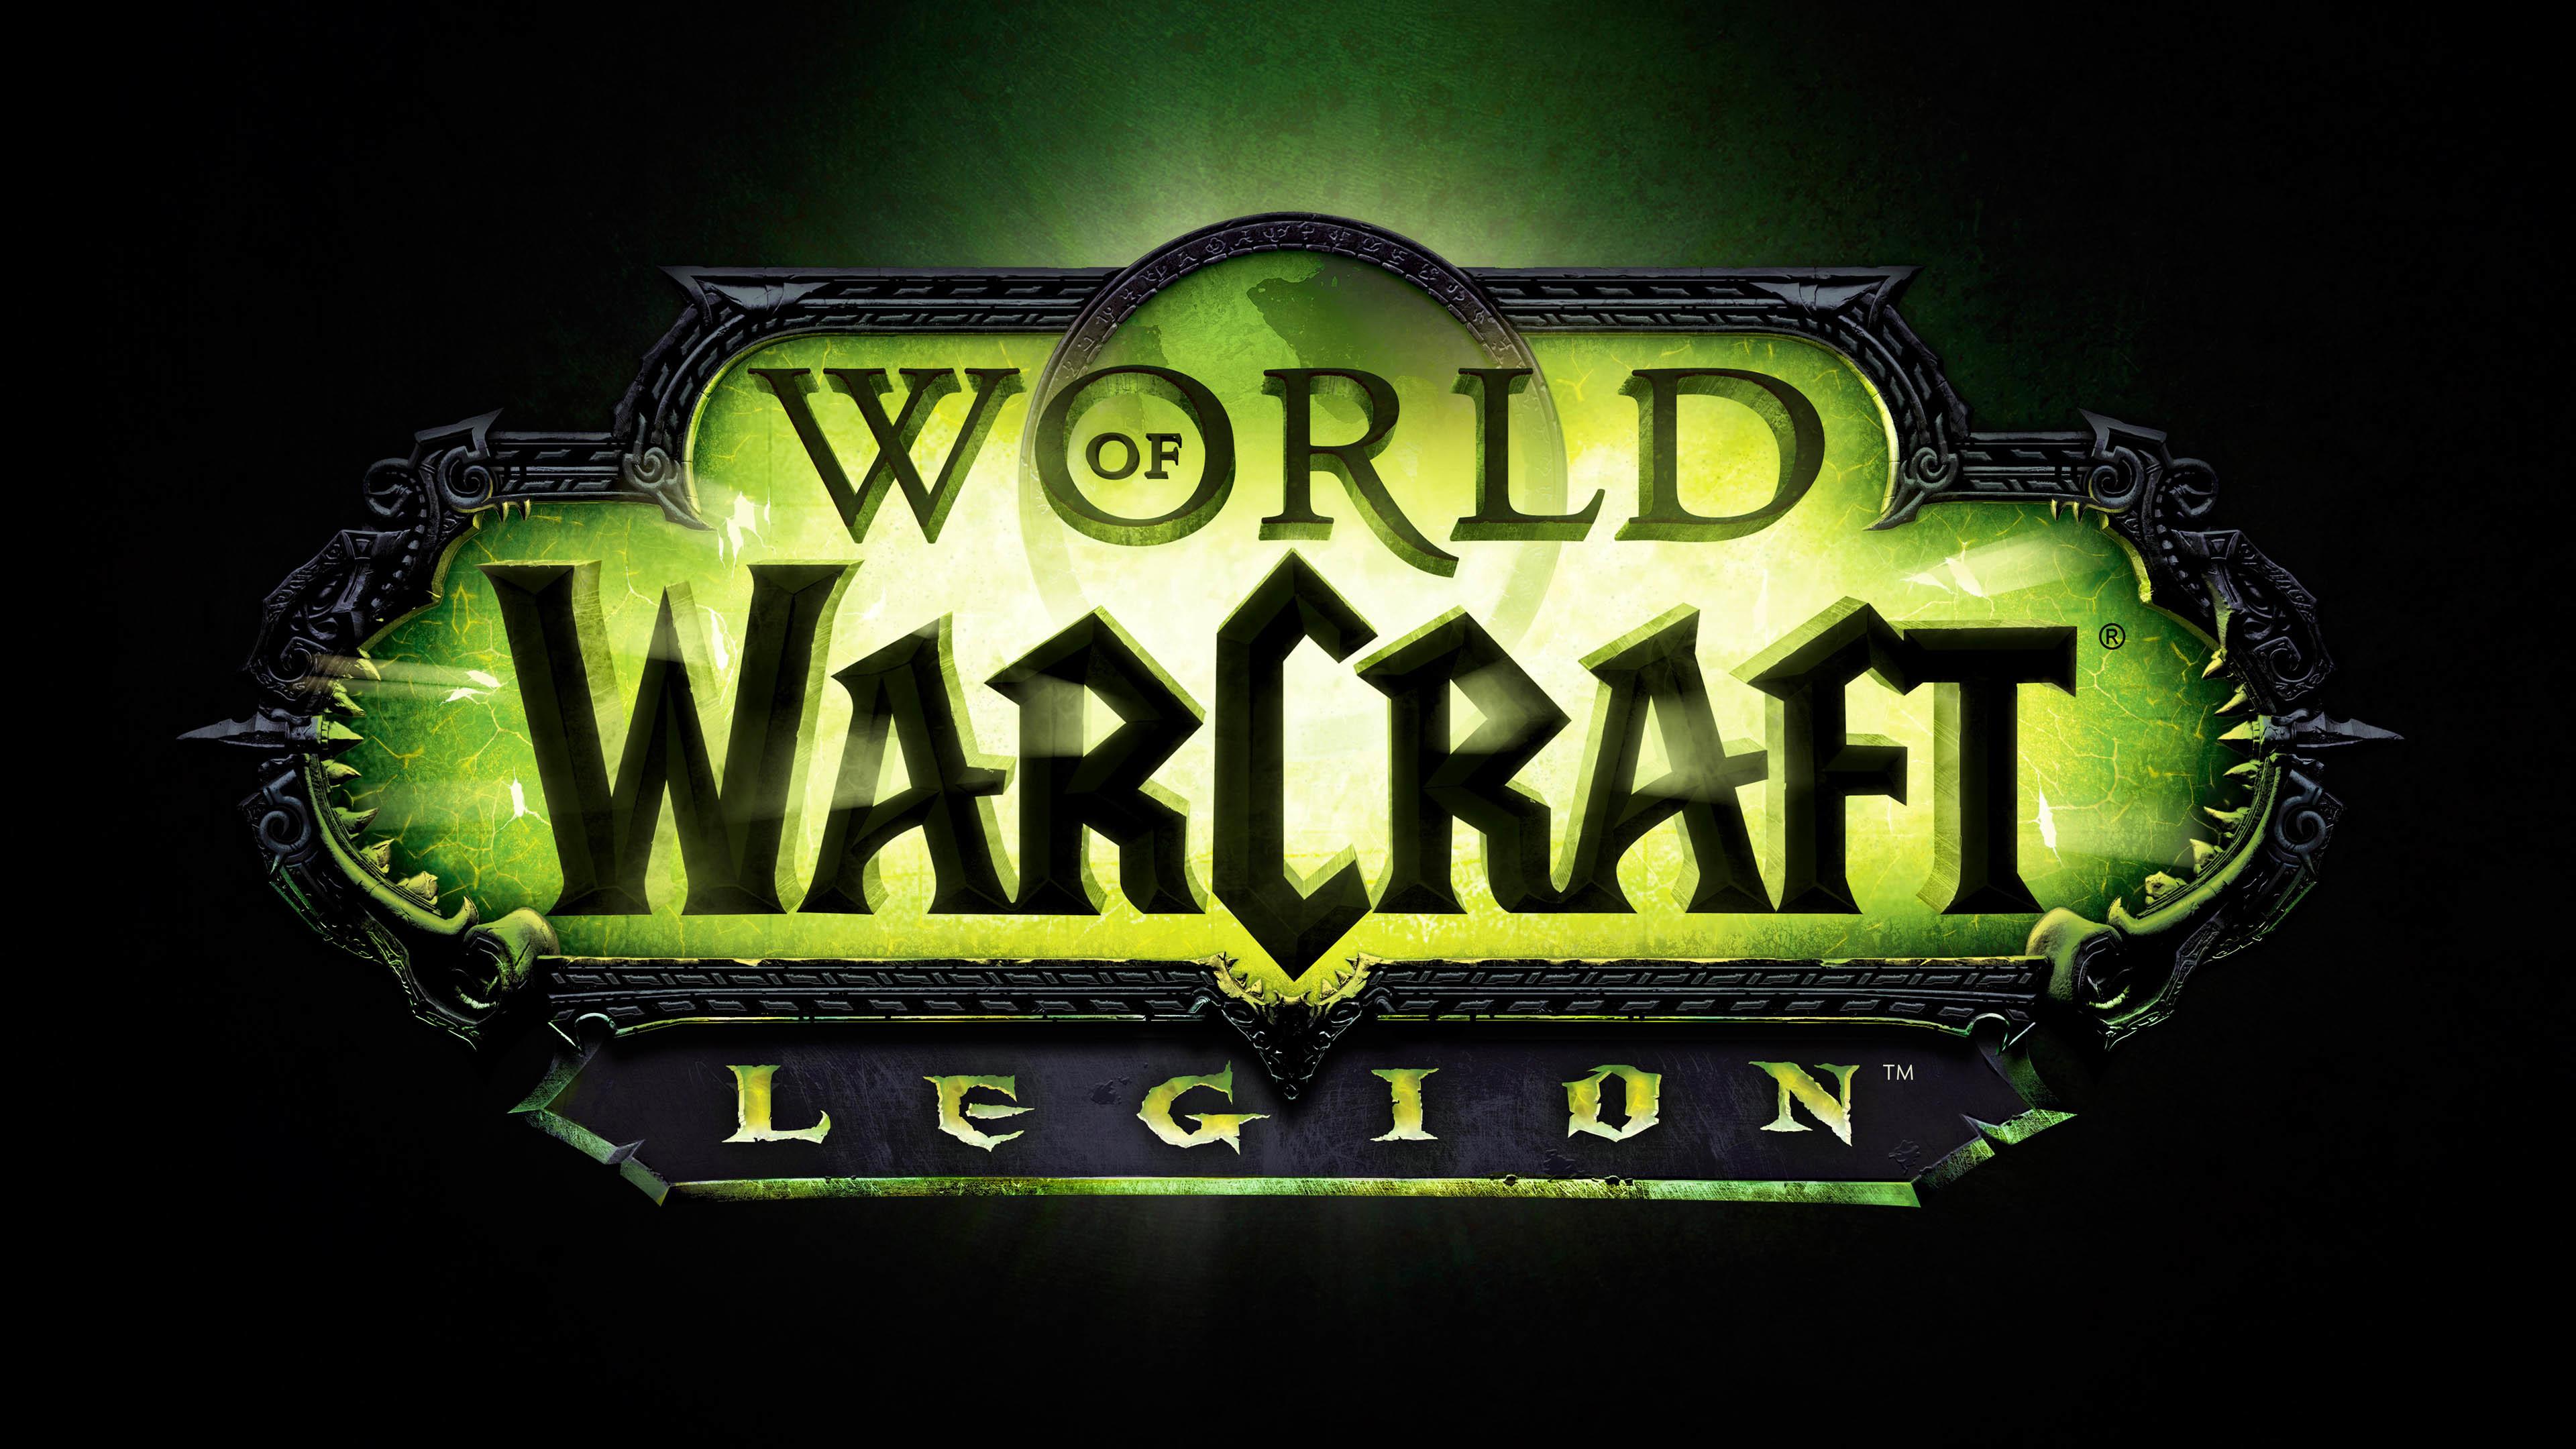 World of Warcraft Legion Logo wallpaper